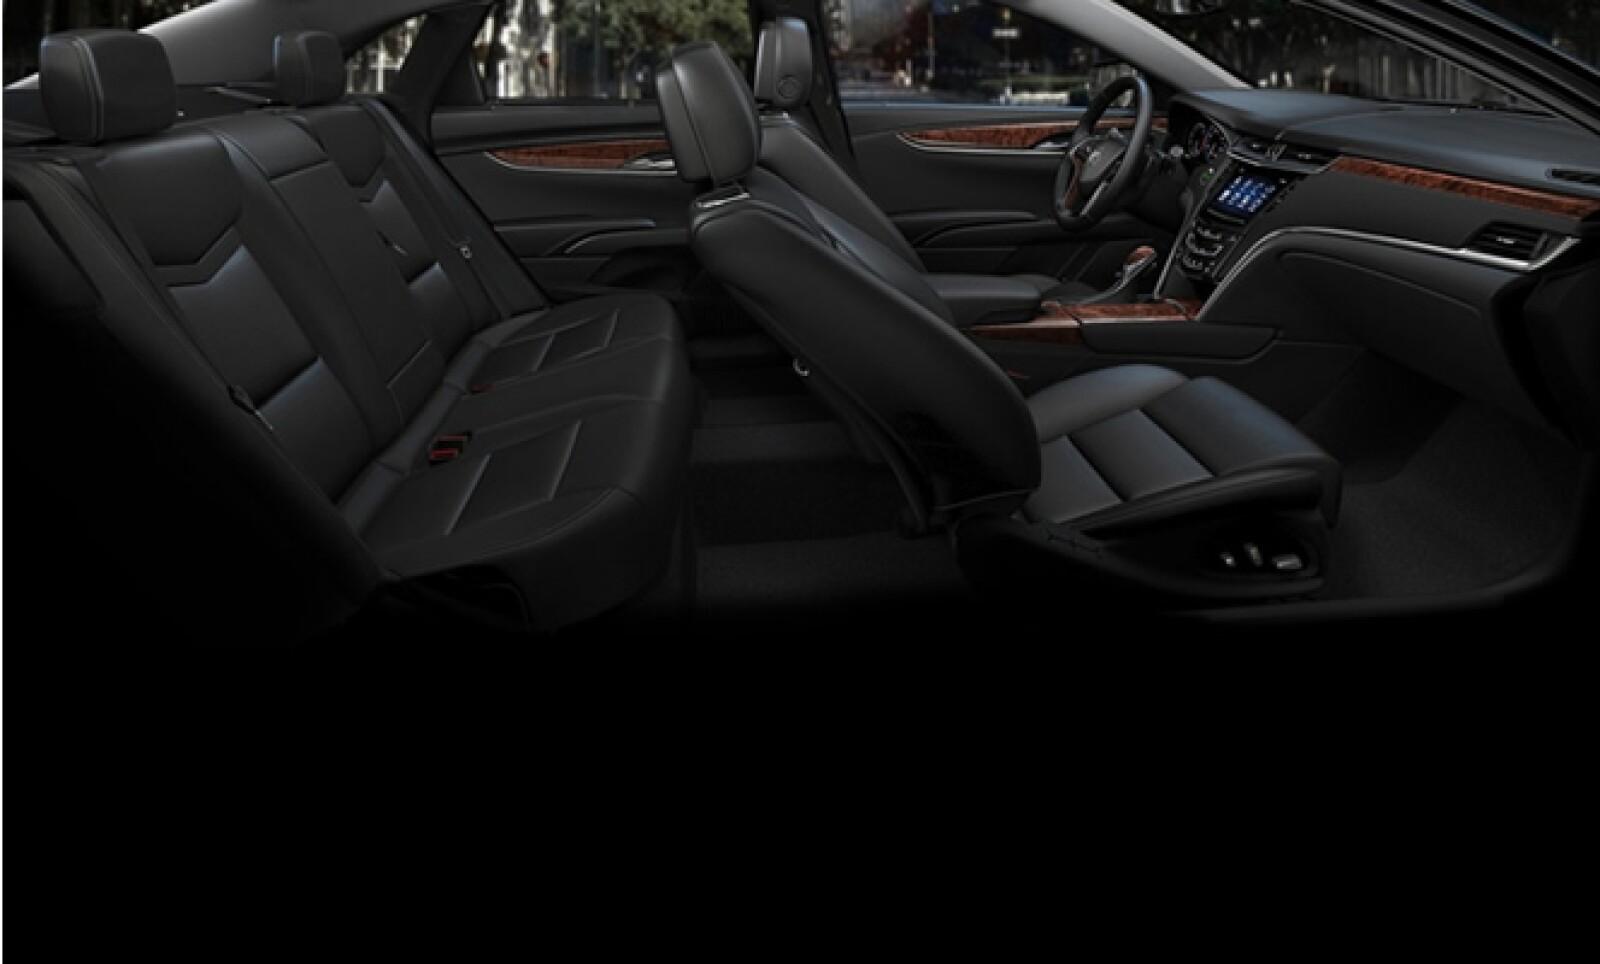 El XTS es el sedán más espacioso de la marca, ofreciendo un habitáculo comparable al de los modelos de su clase más grandes del mercado.